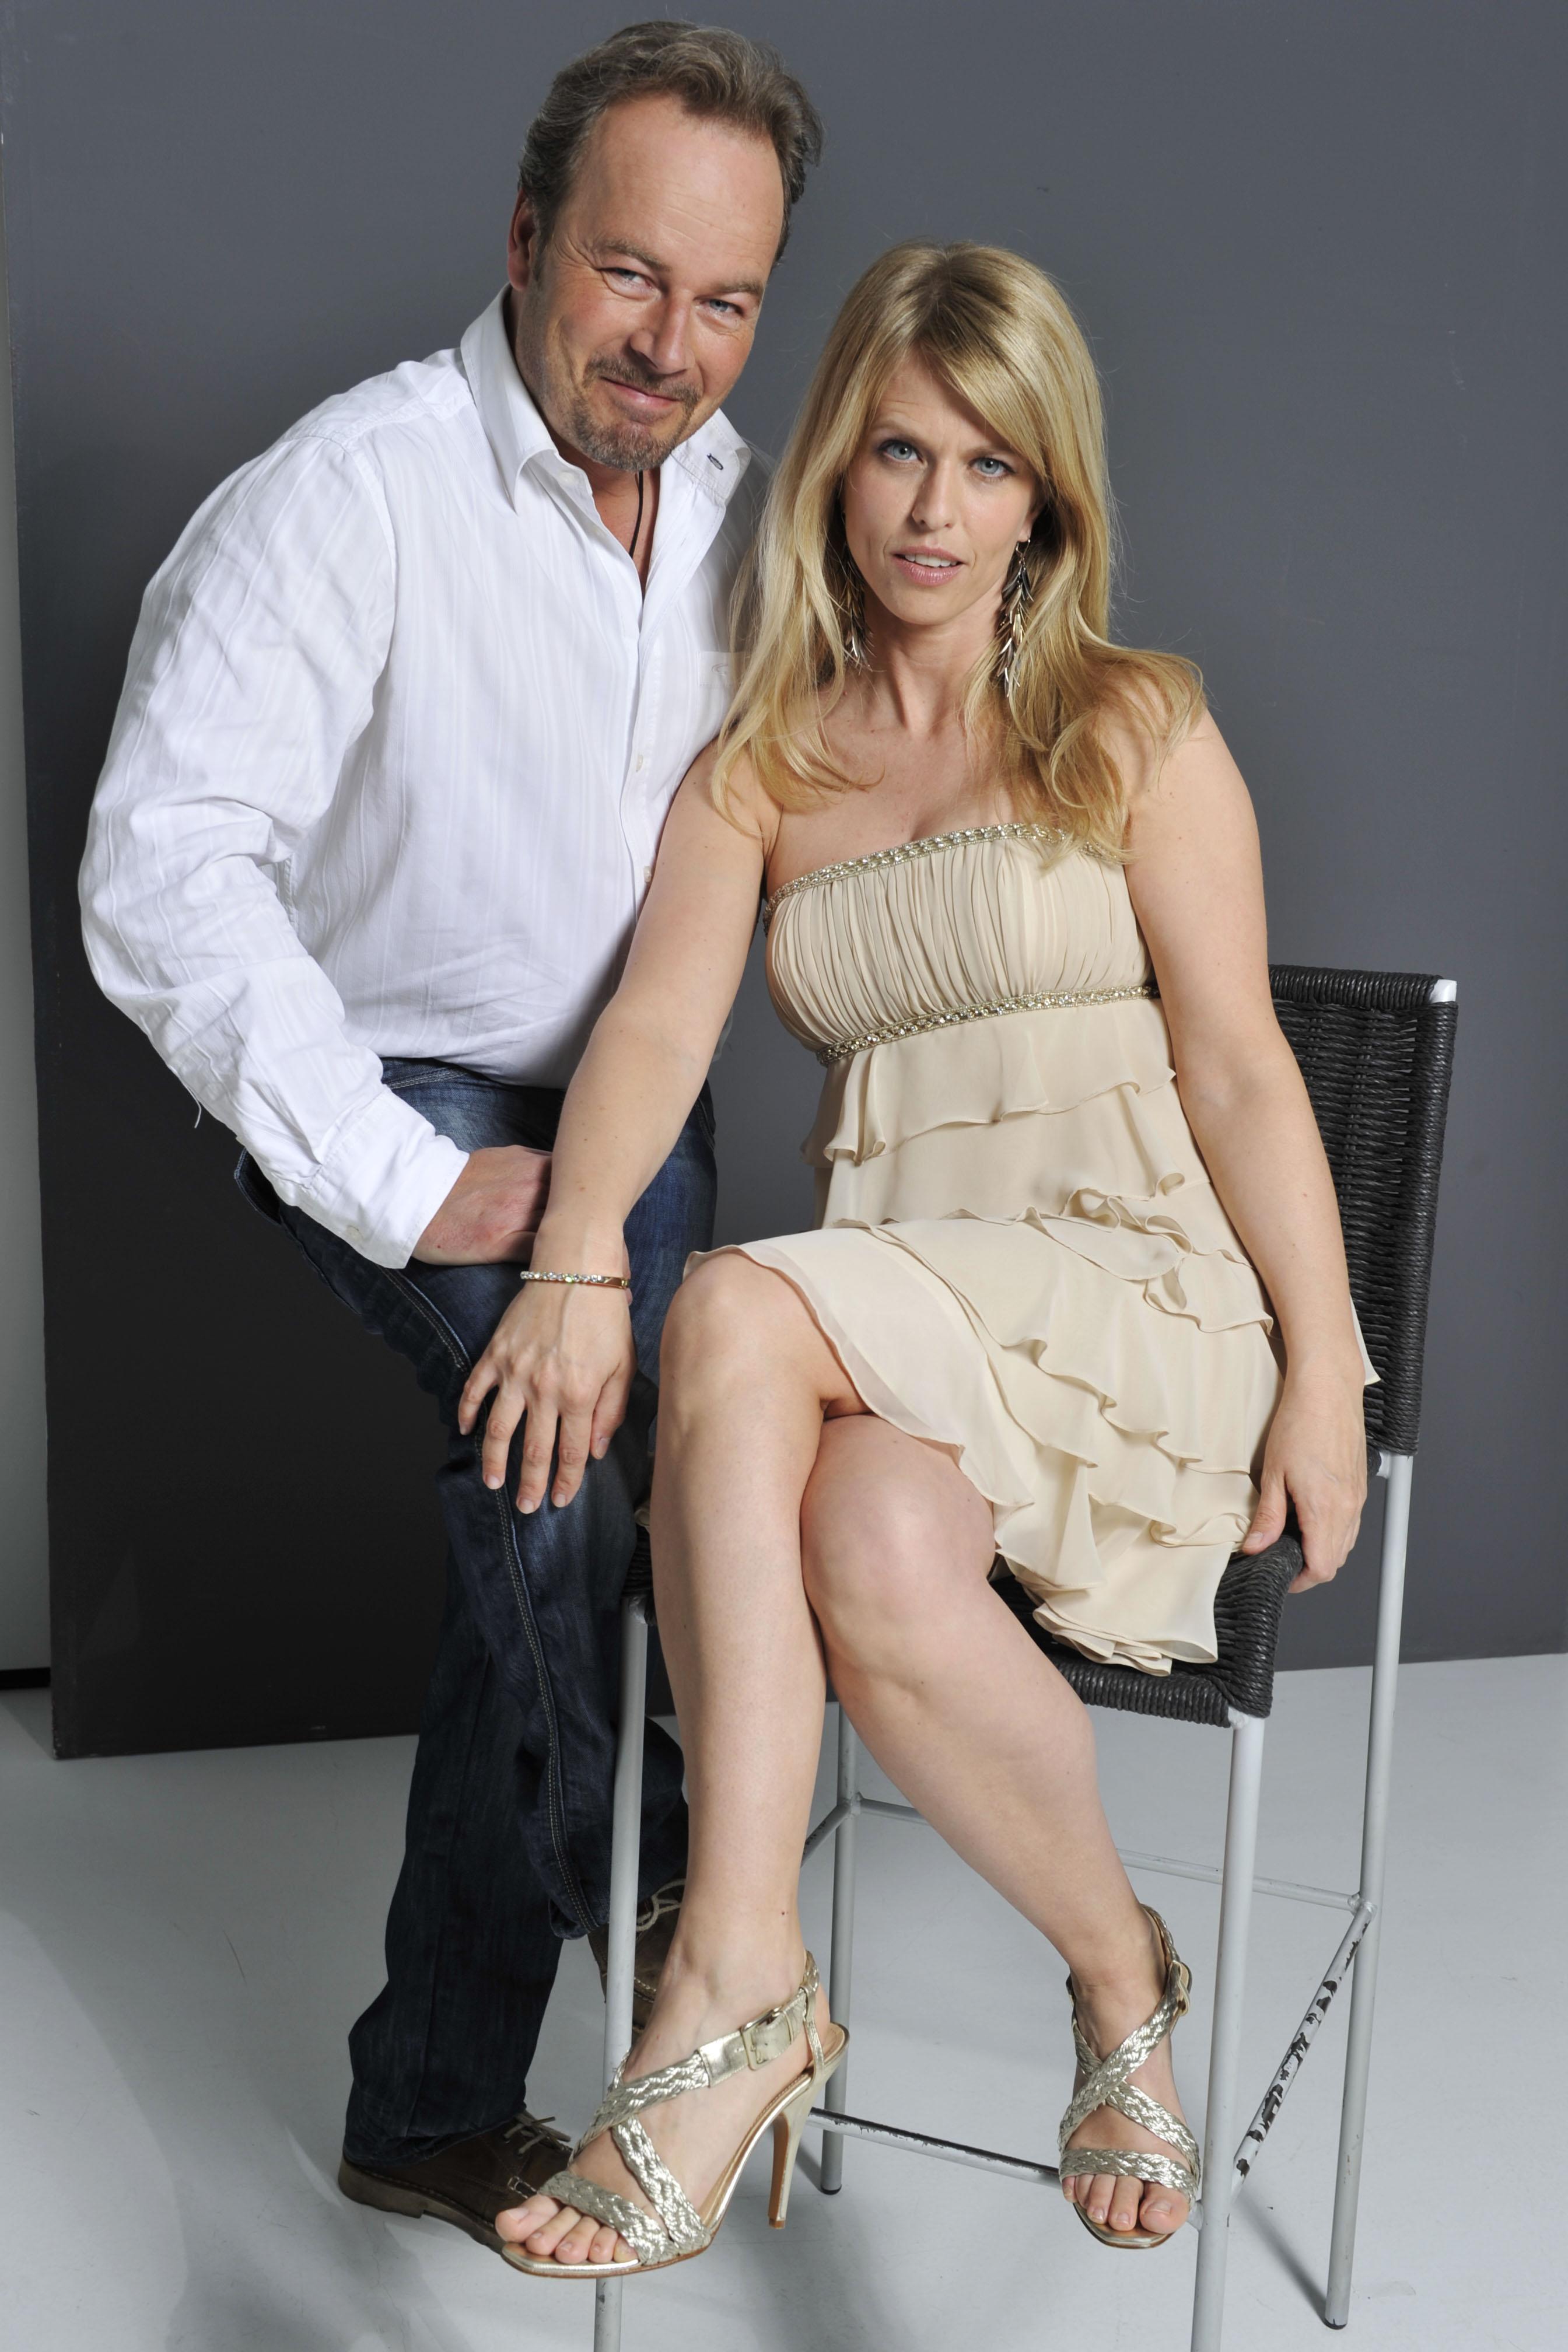 Bahar Kizil - Nude Celebrities Forum | FamousBoard.com